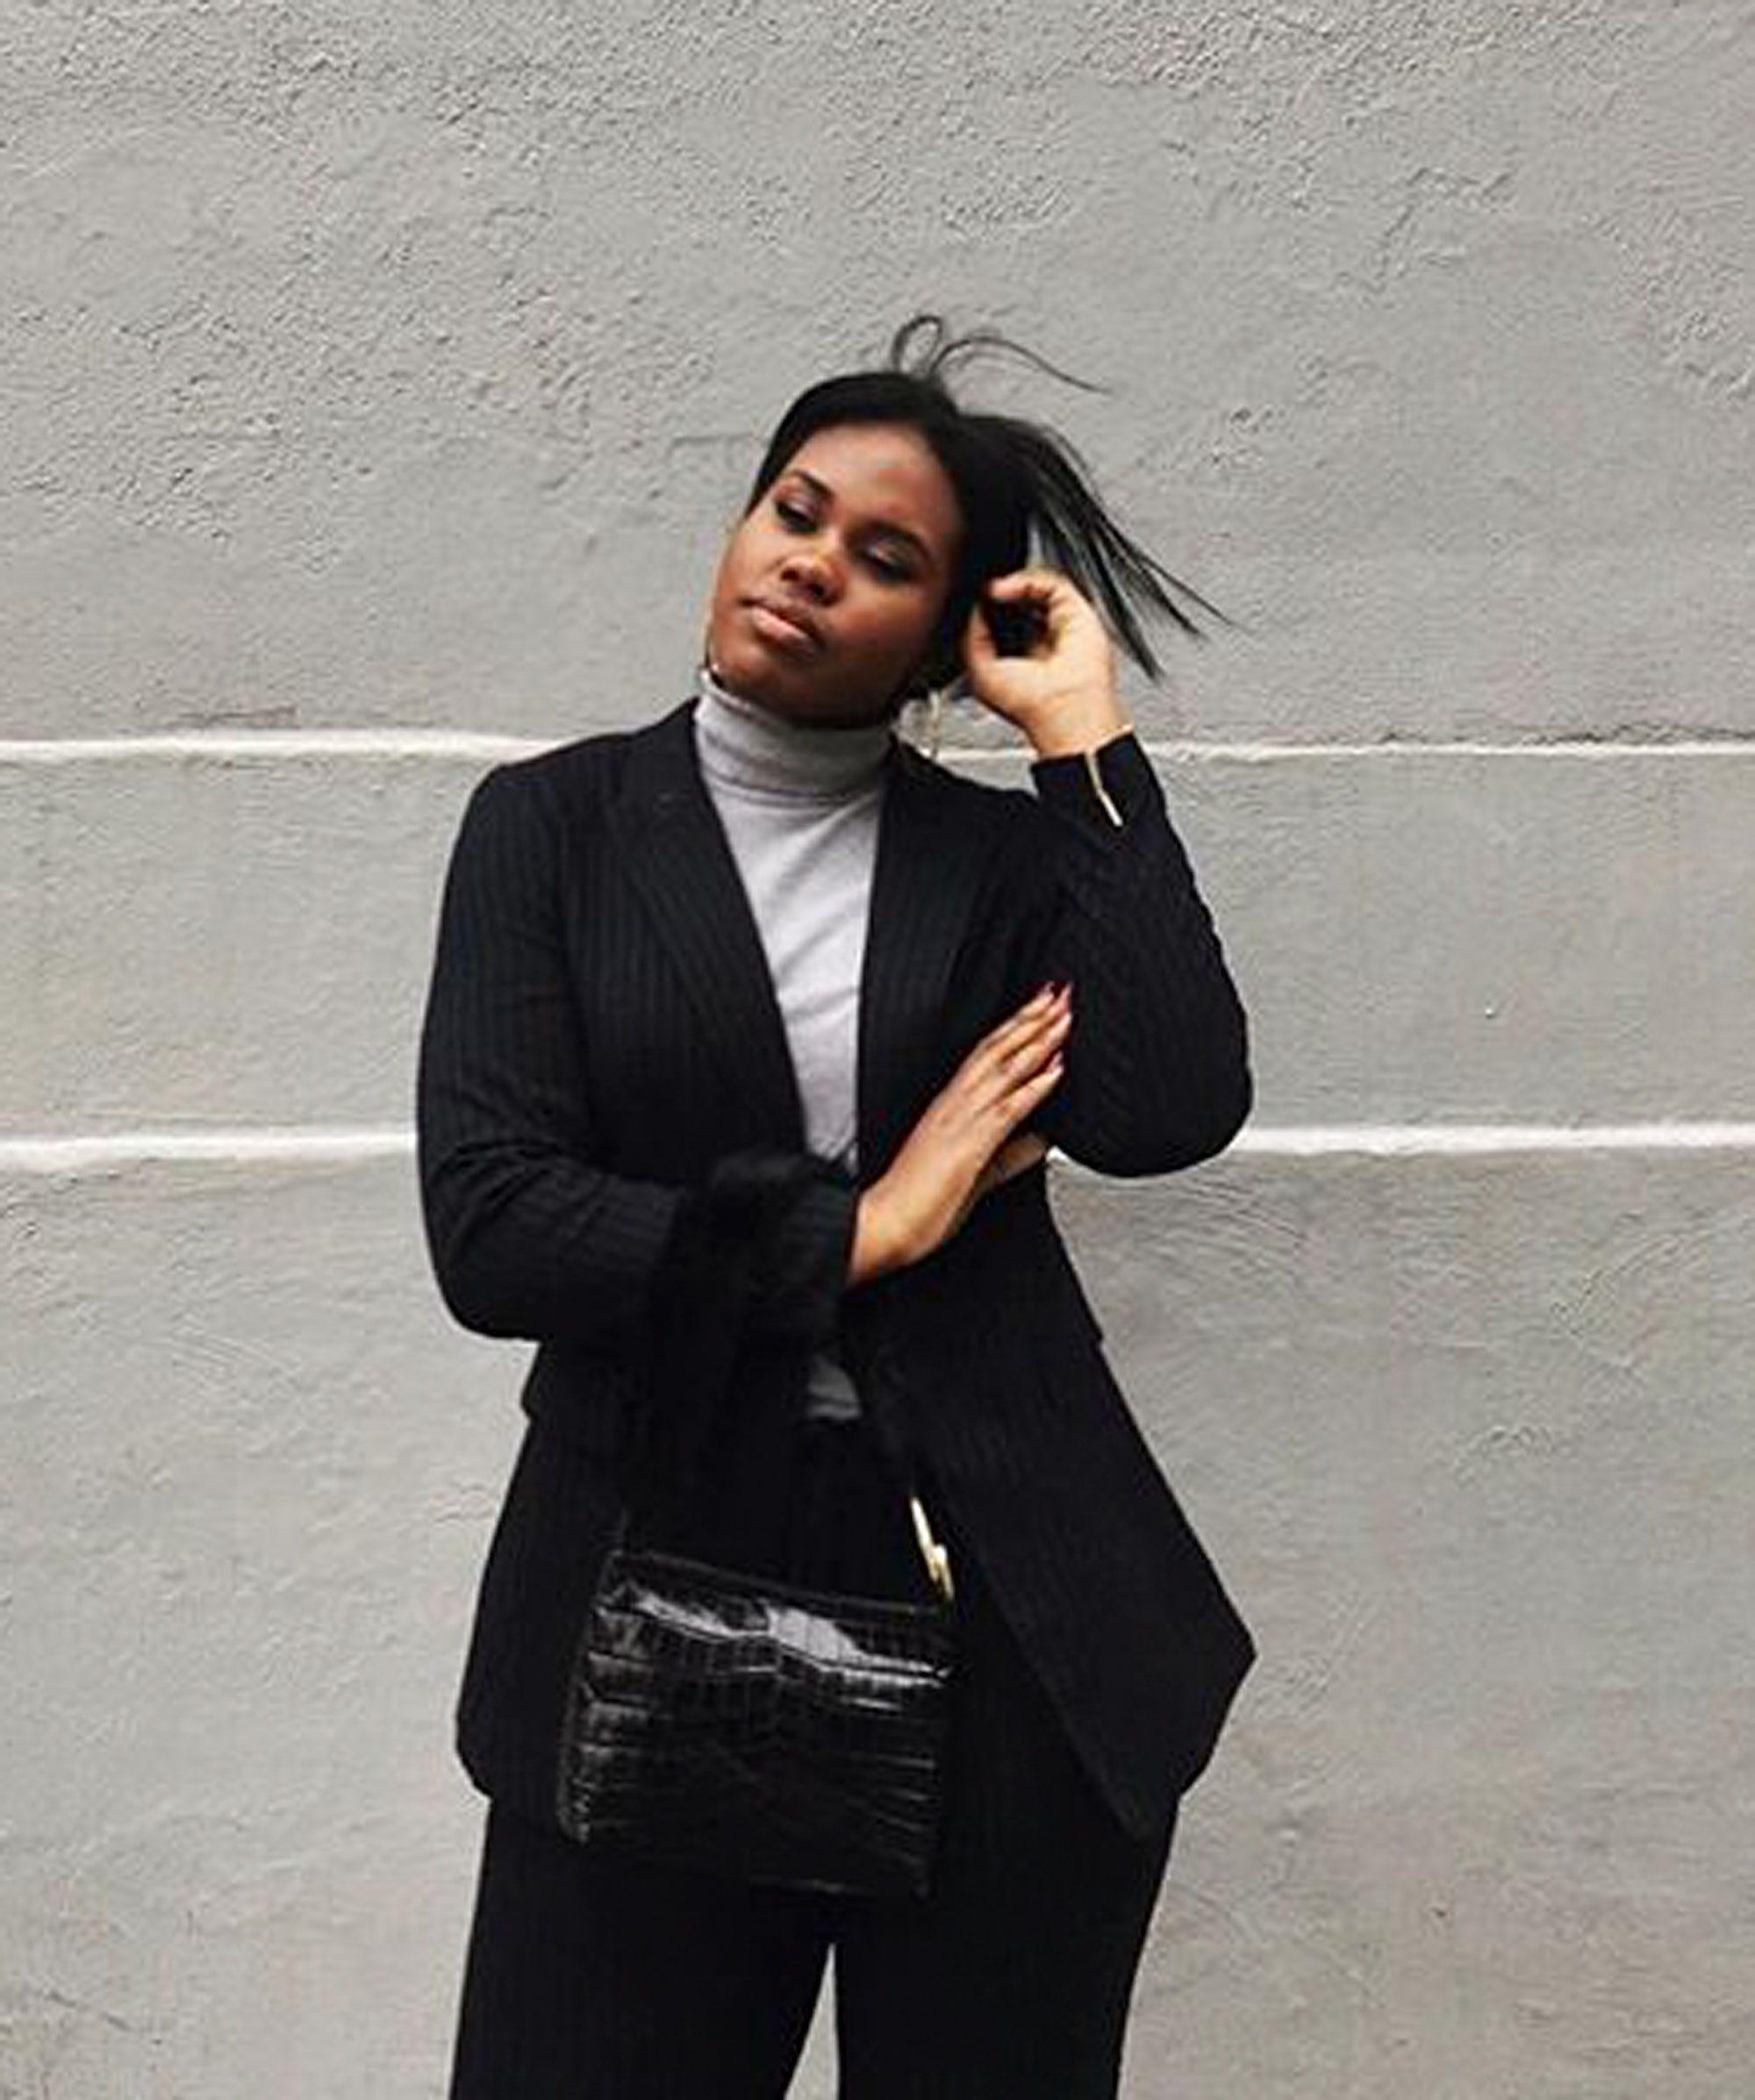 How Style Fashion Blazers Photos Blazer To Trend jLVqGUSzMp